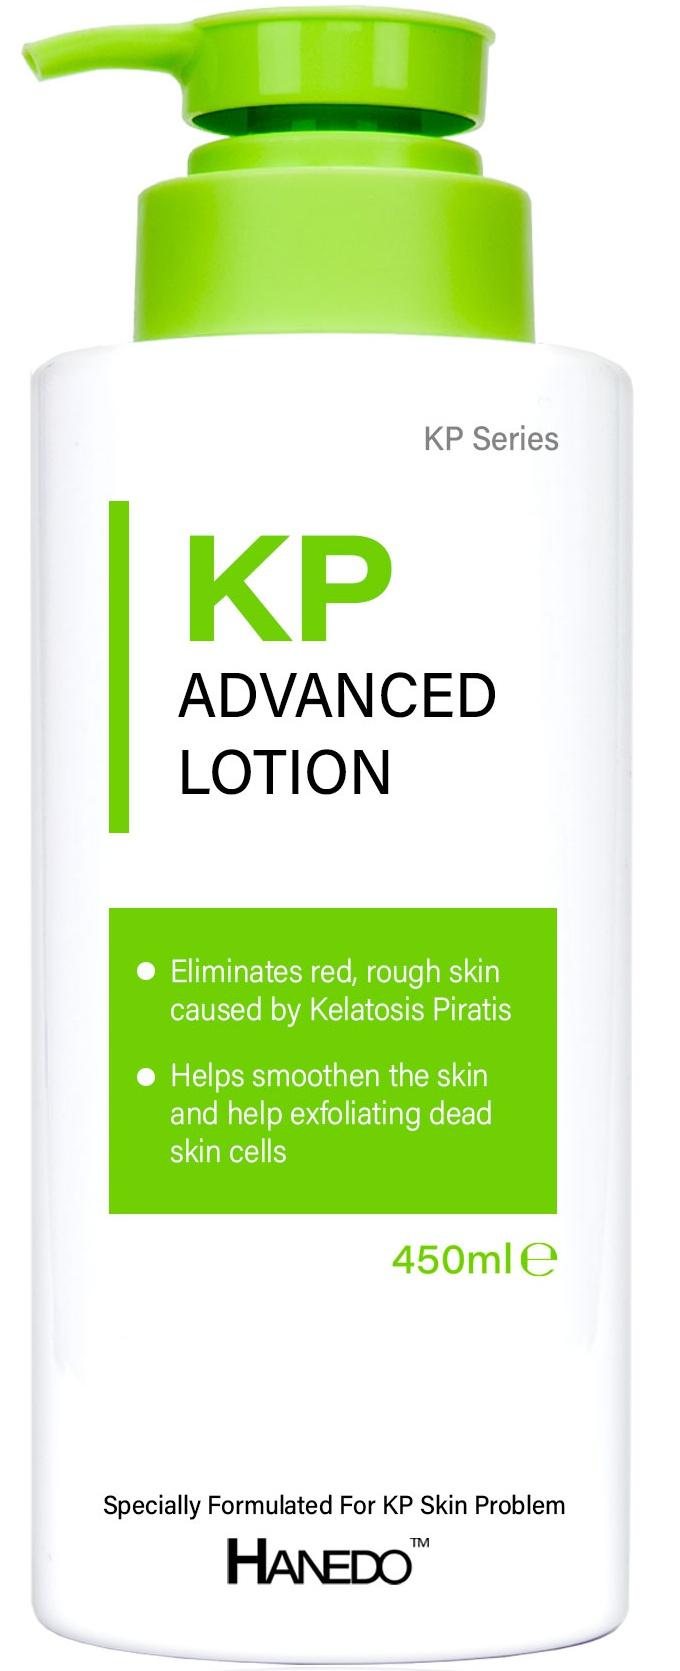 Hanedo KP Advanced Lotion